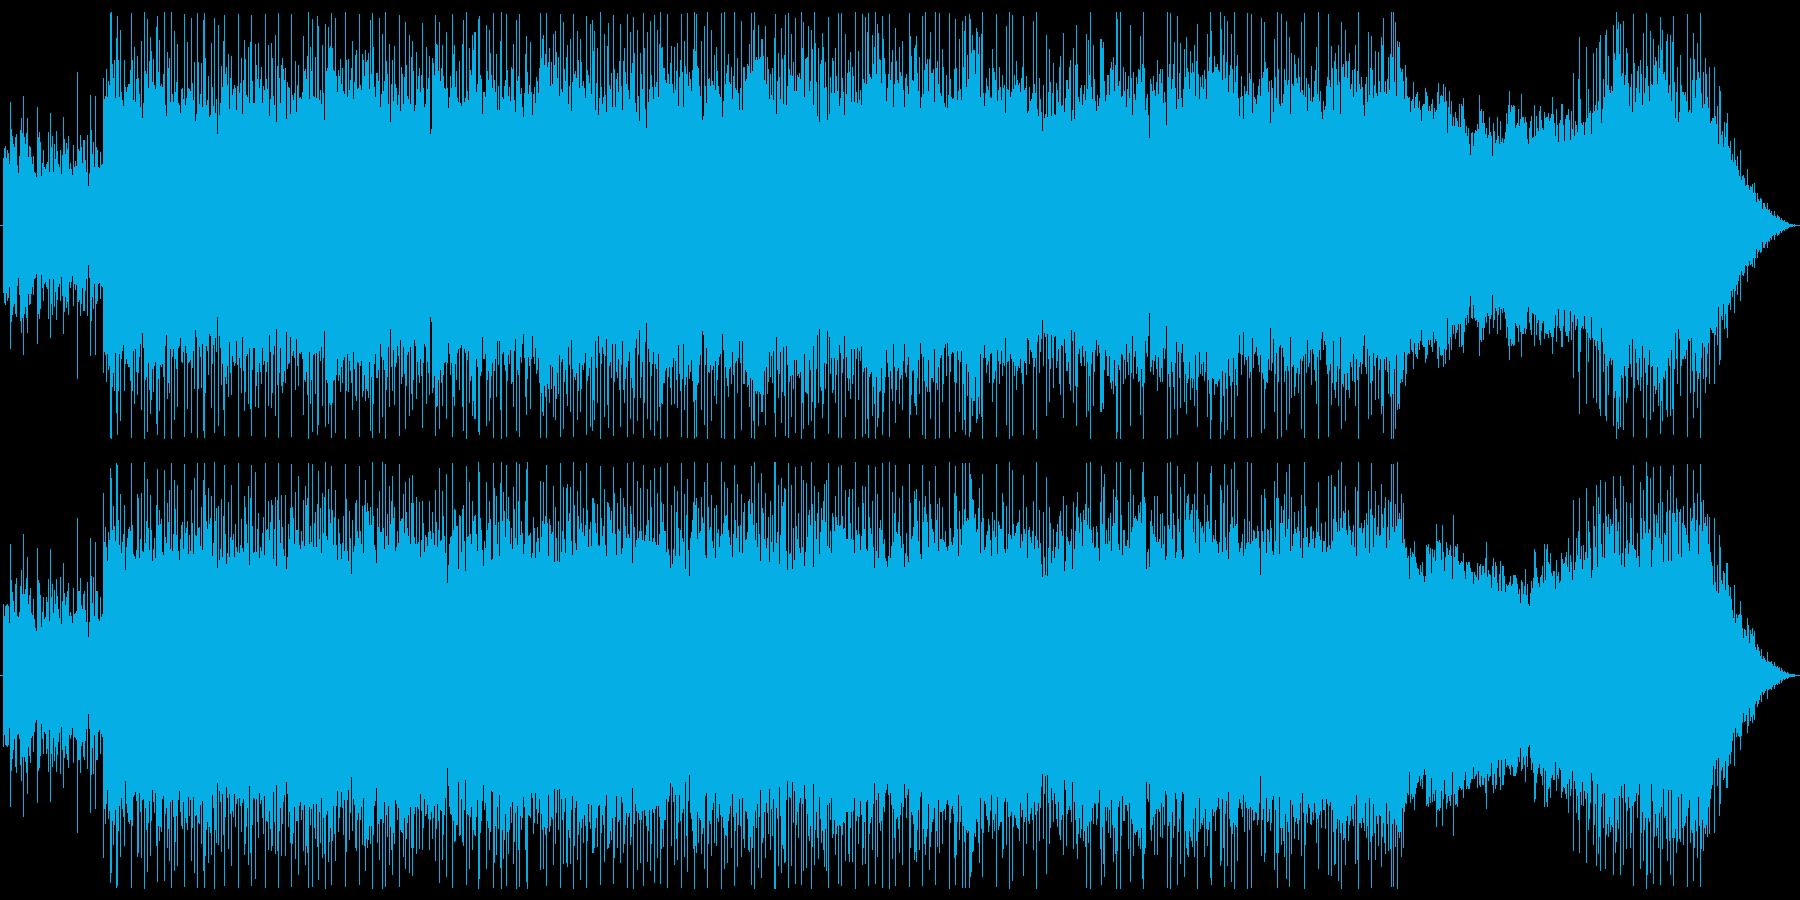 重心の低い、シリアスでハードなBGMの再生済みの波形